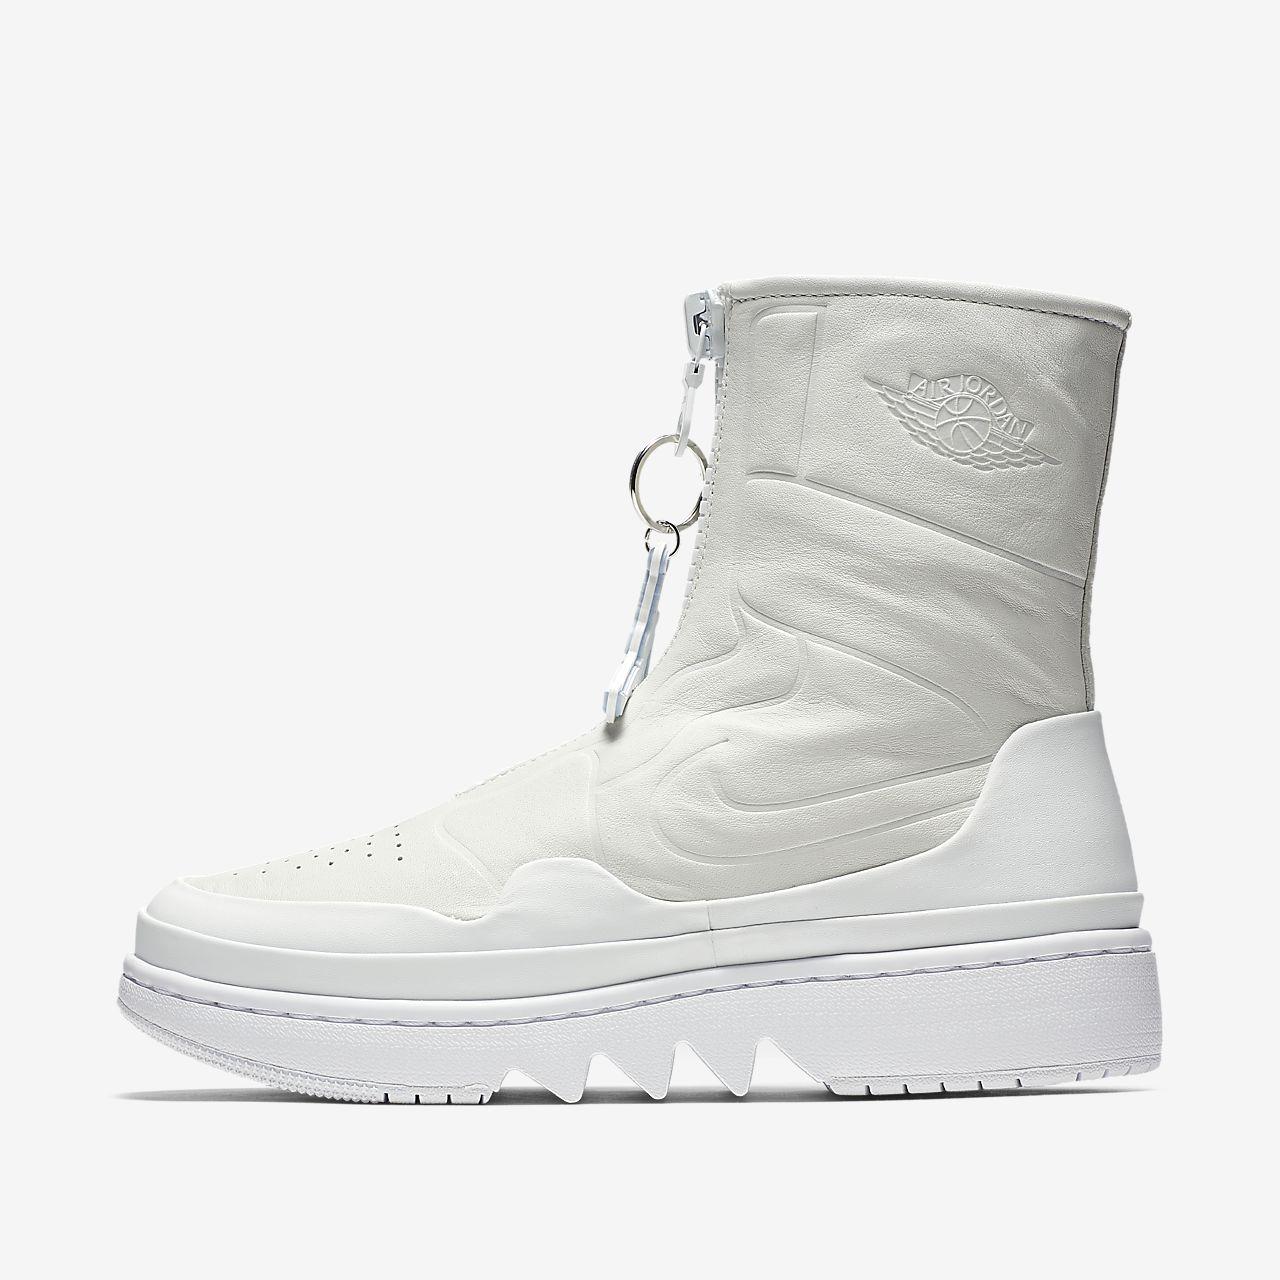 AJ1 Jester XX 女子运动鞋